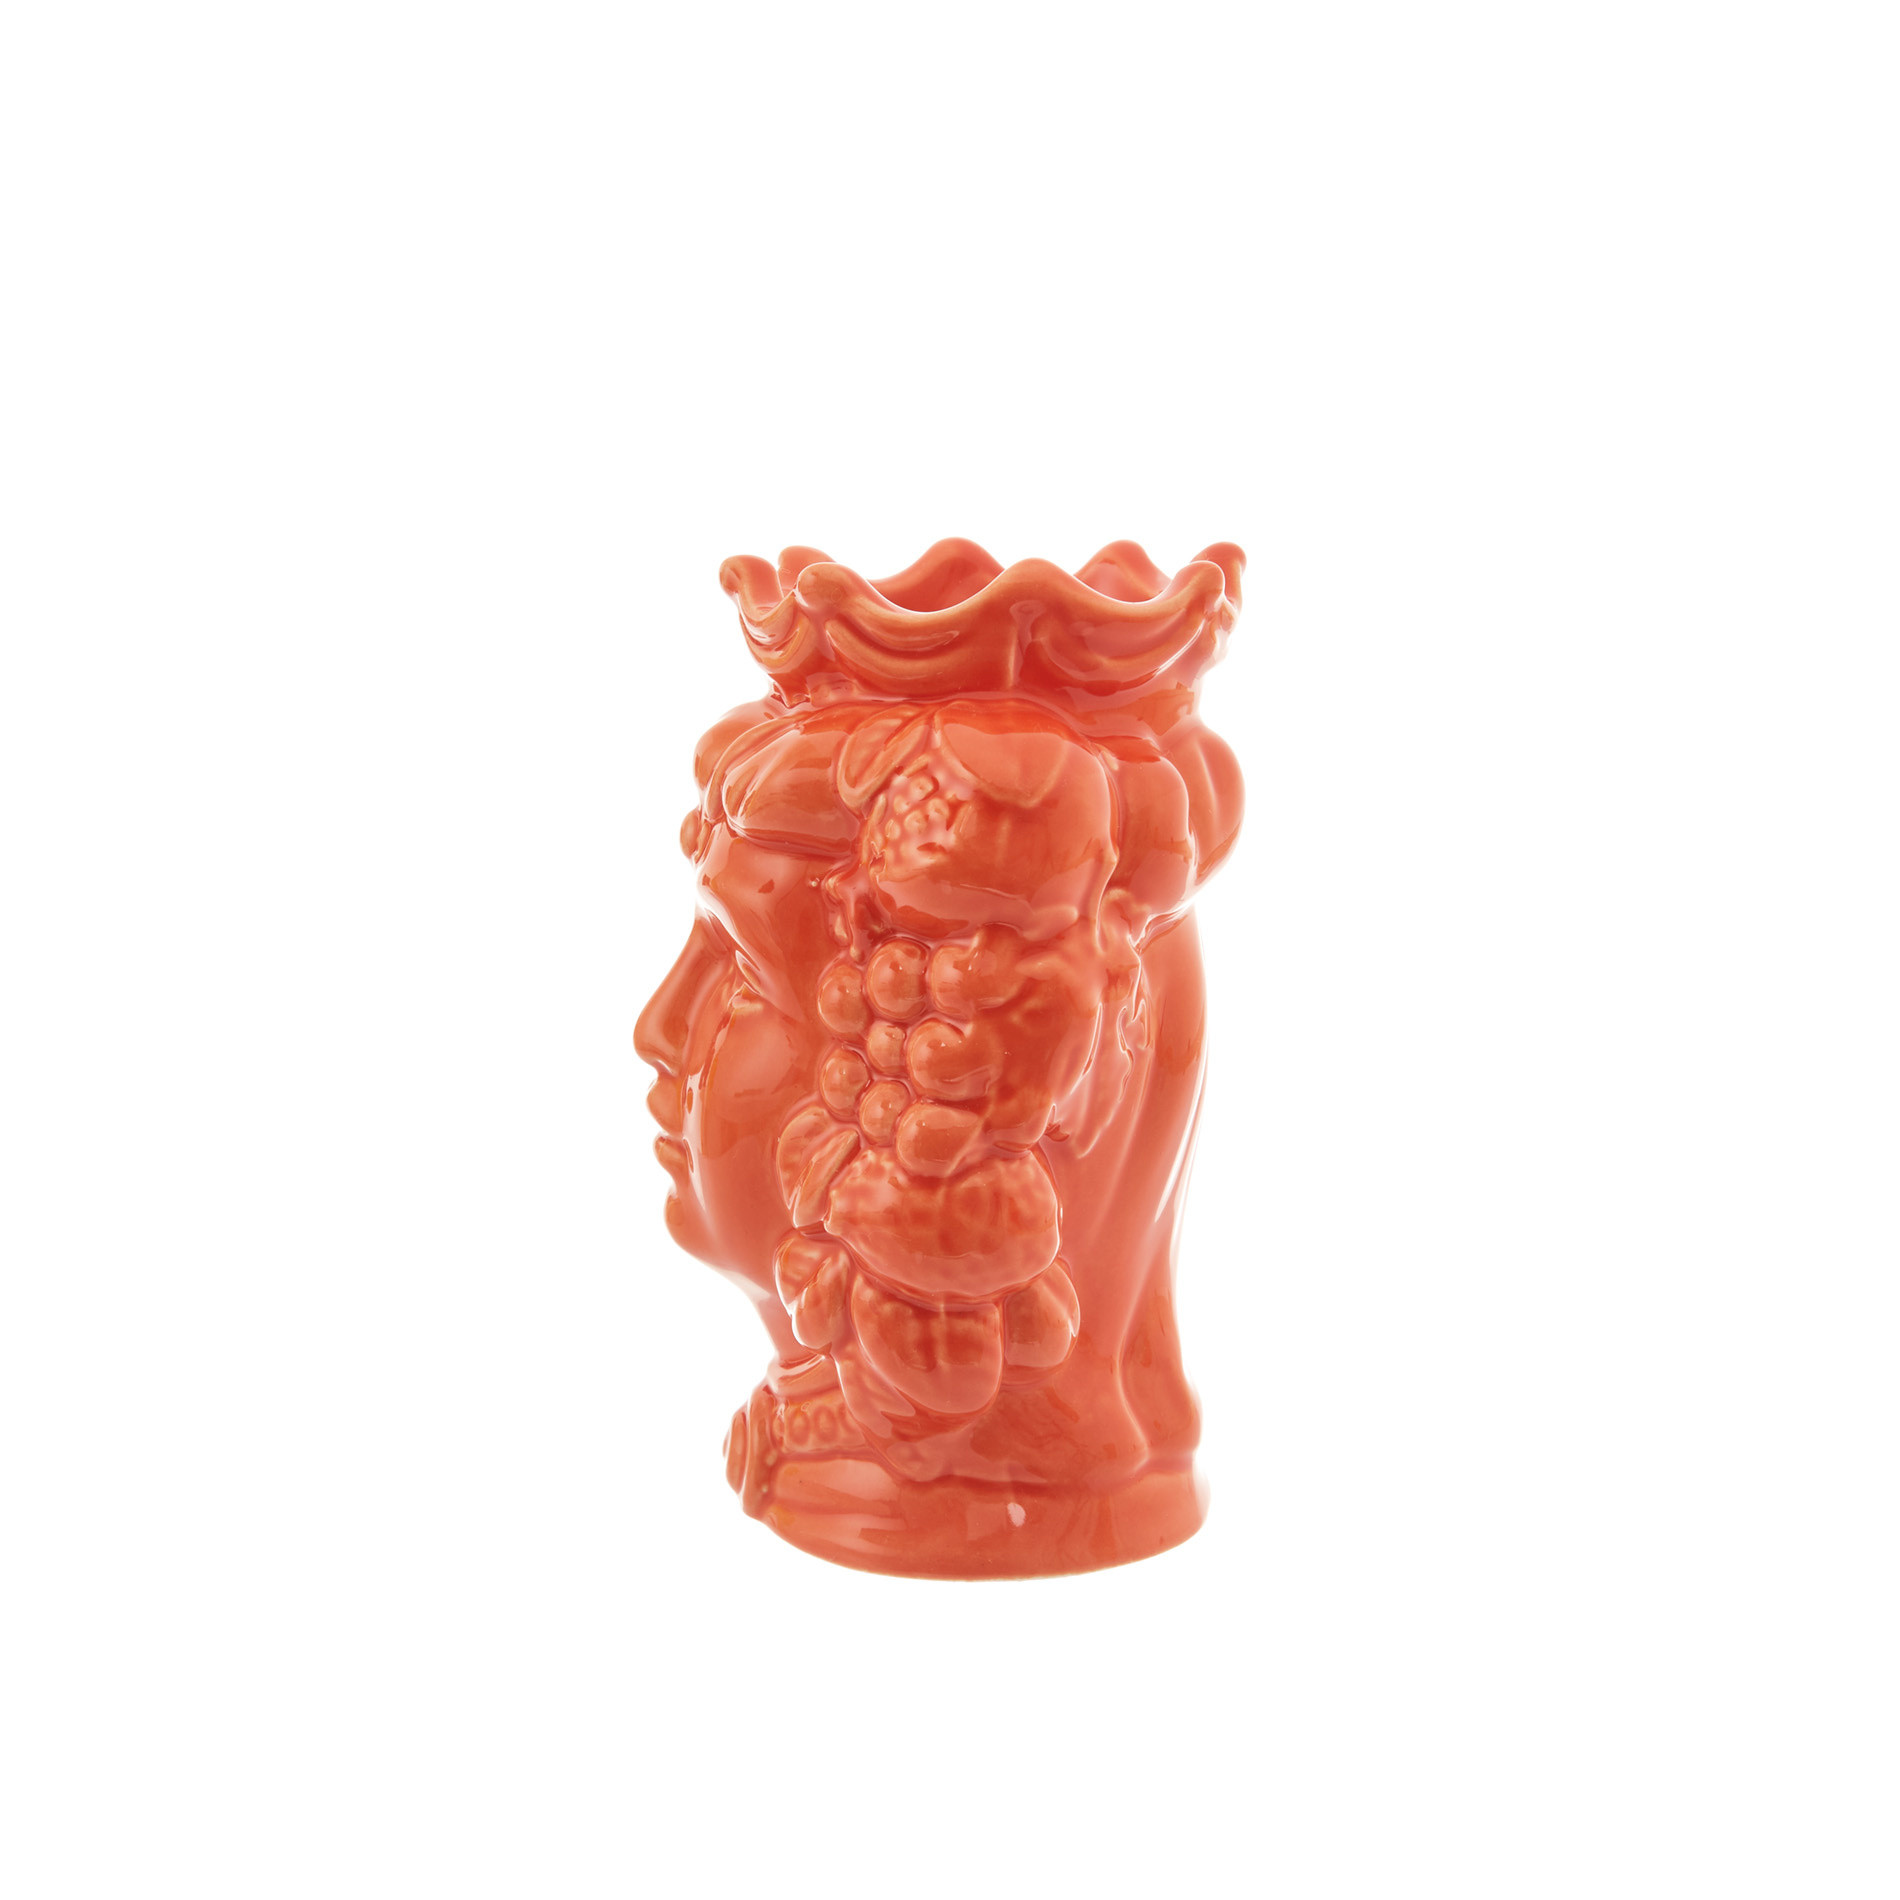 Testa di moro by Ceramiche Siciliane Ruggeri, Arancione, large image number 1